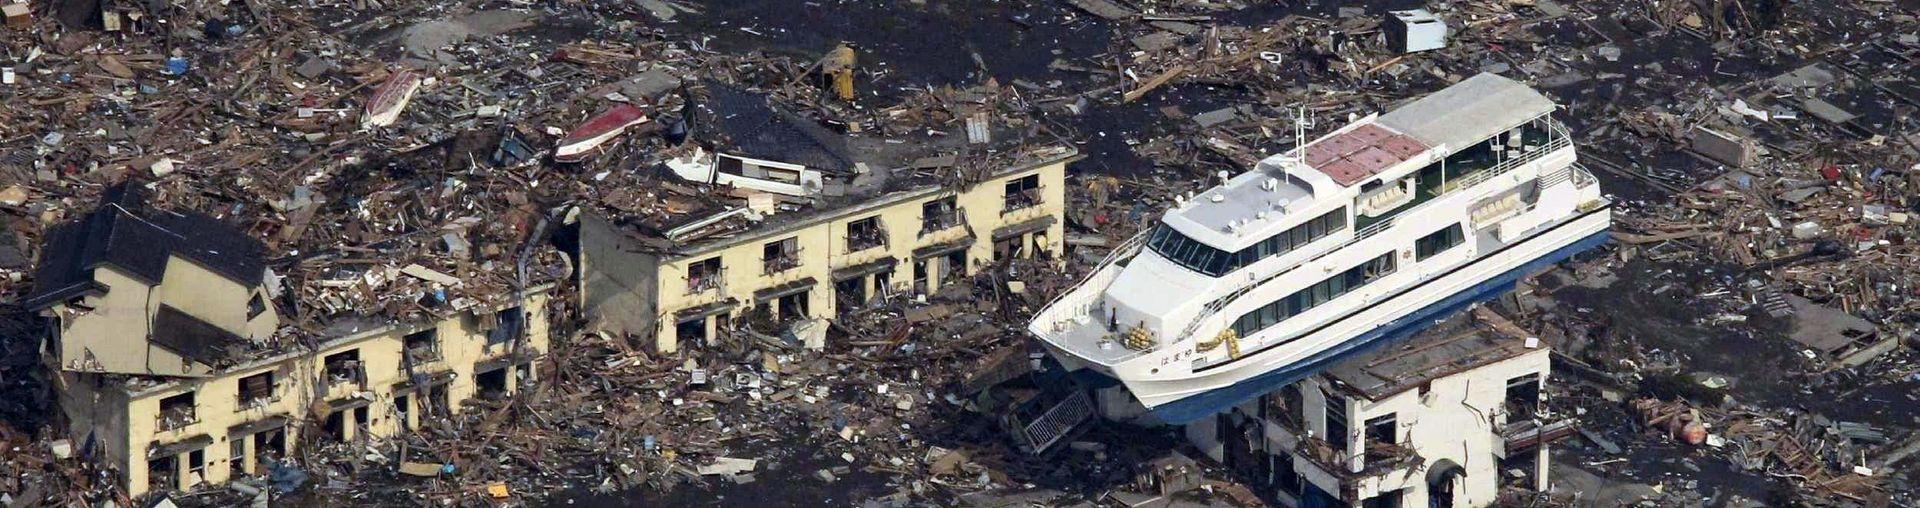 Прогулочное судно застряло на крыше жилого дома в городе Отсуши, префектура Иватэ